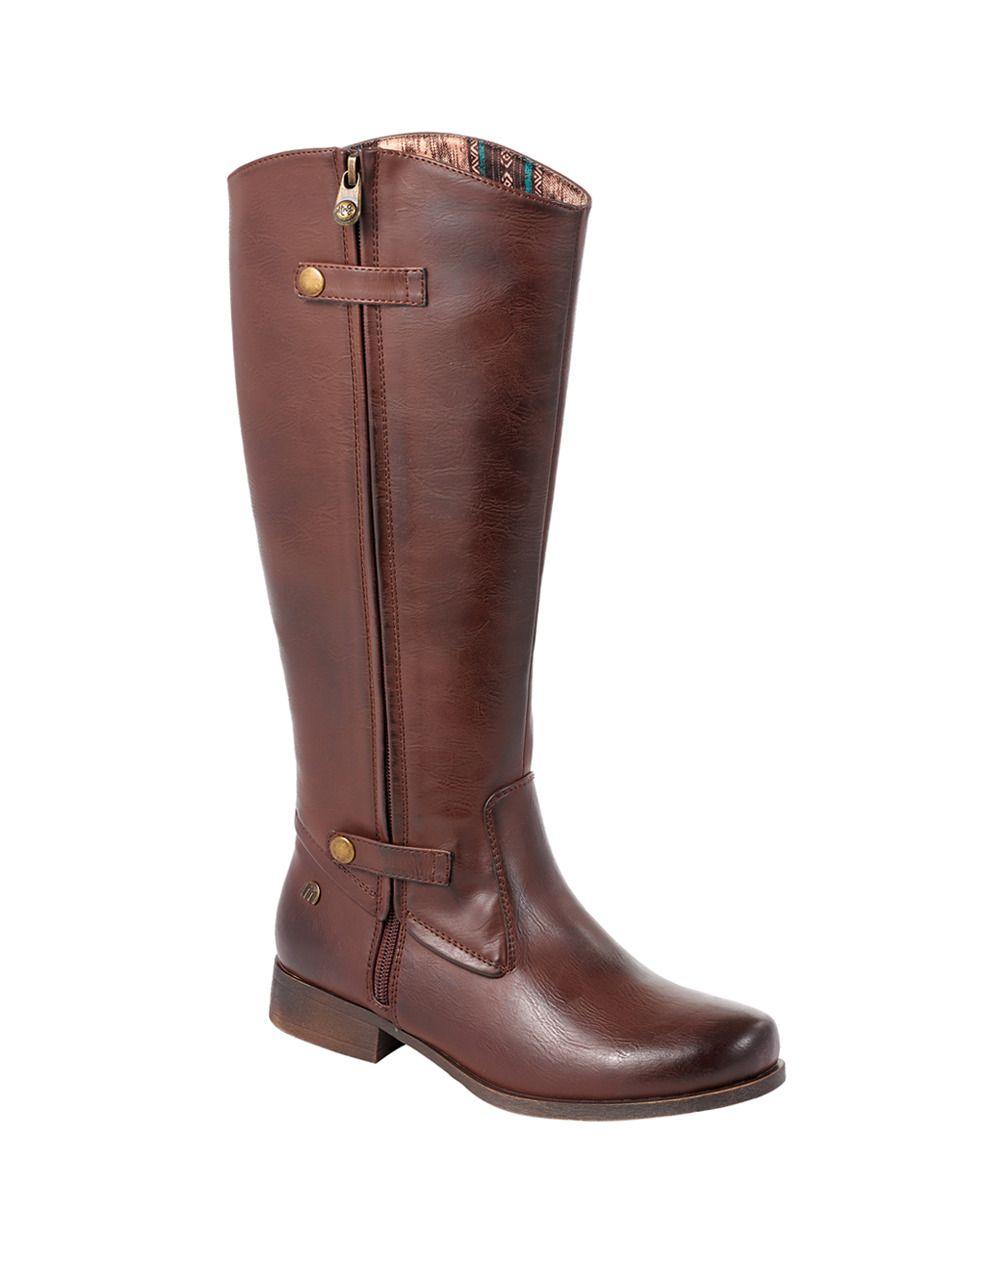 buscar auténtico 2019 mejor venta San Francisco Botas de mujer Mustang - Mujer - Zapatos - El Corte Inglés ...